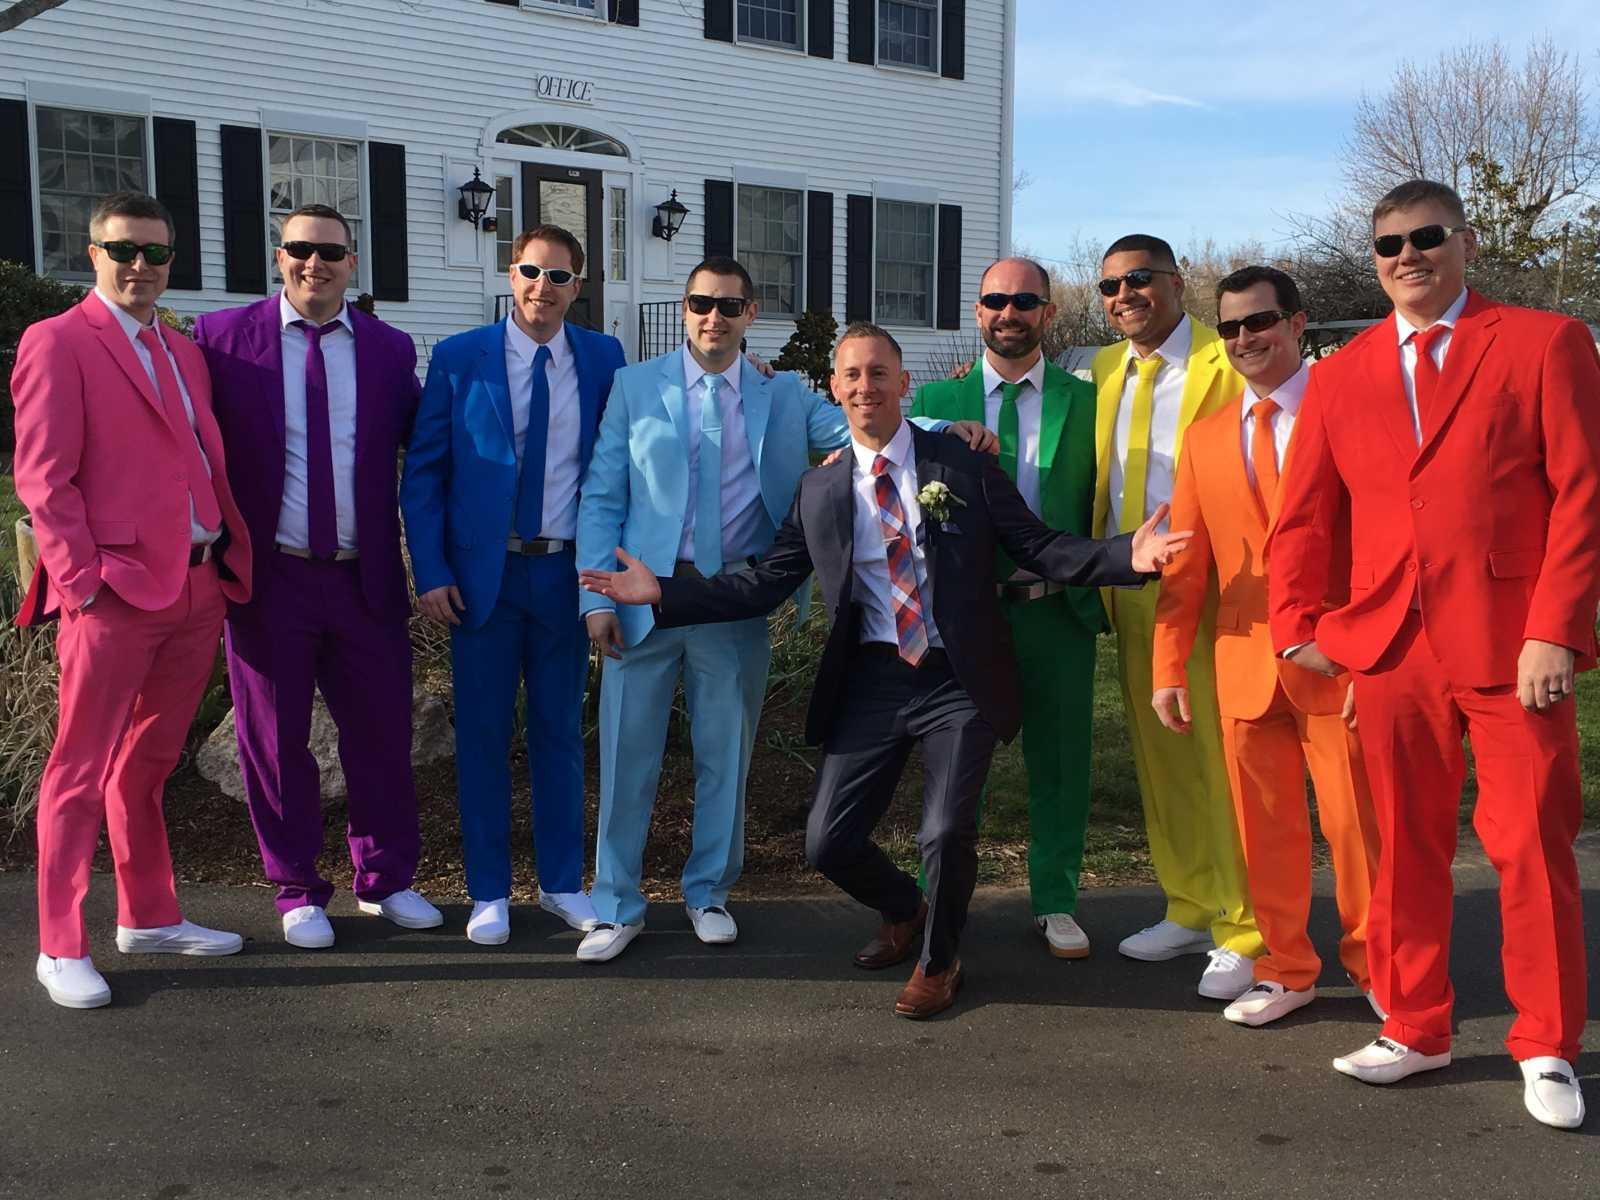 Usando ternos com cores do arco-íris padrinhos fazem surpresa no casamento de amigo 8